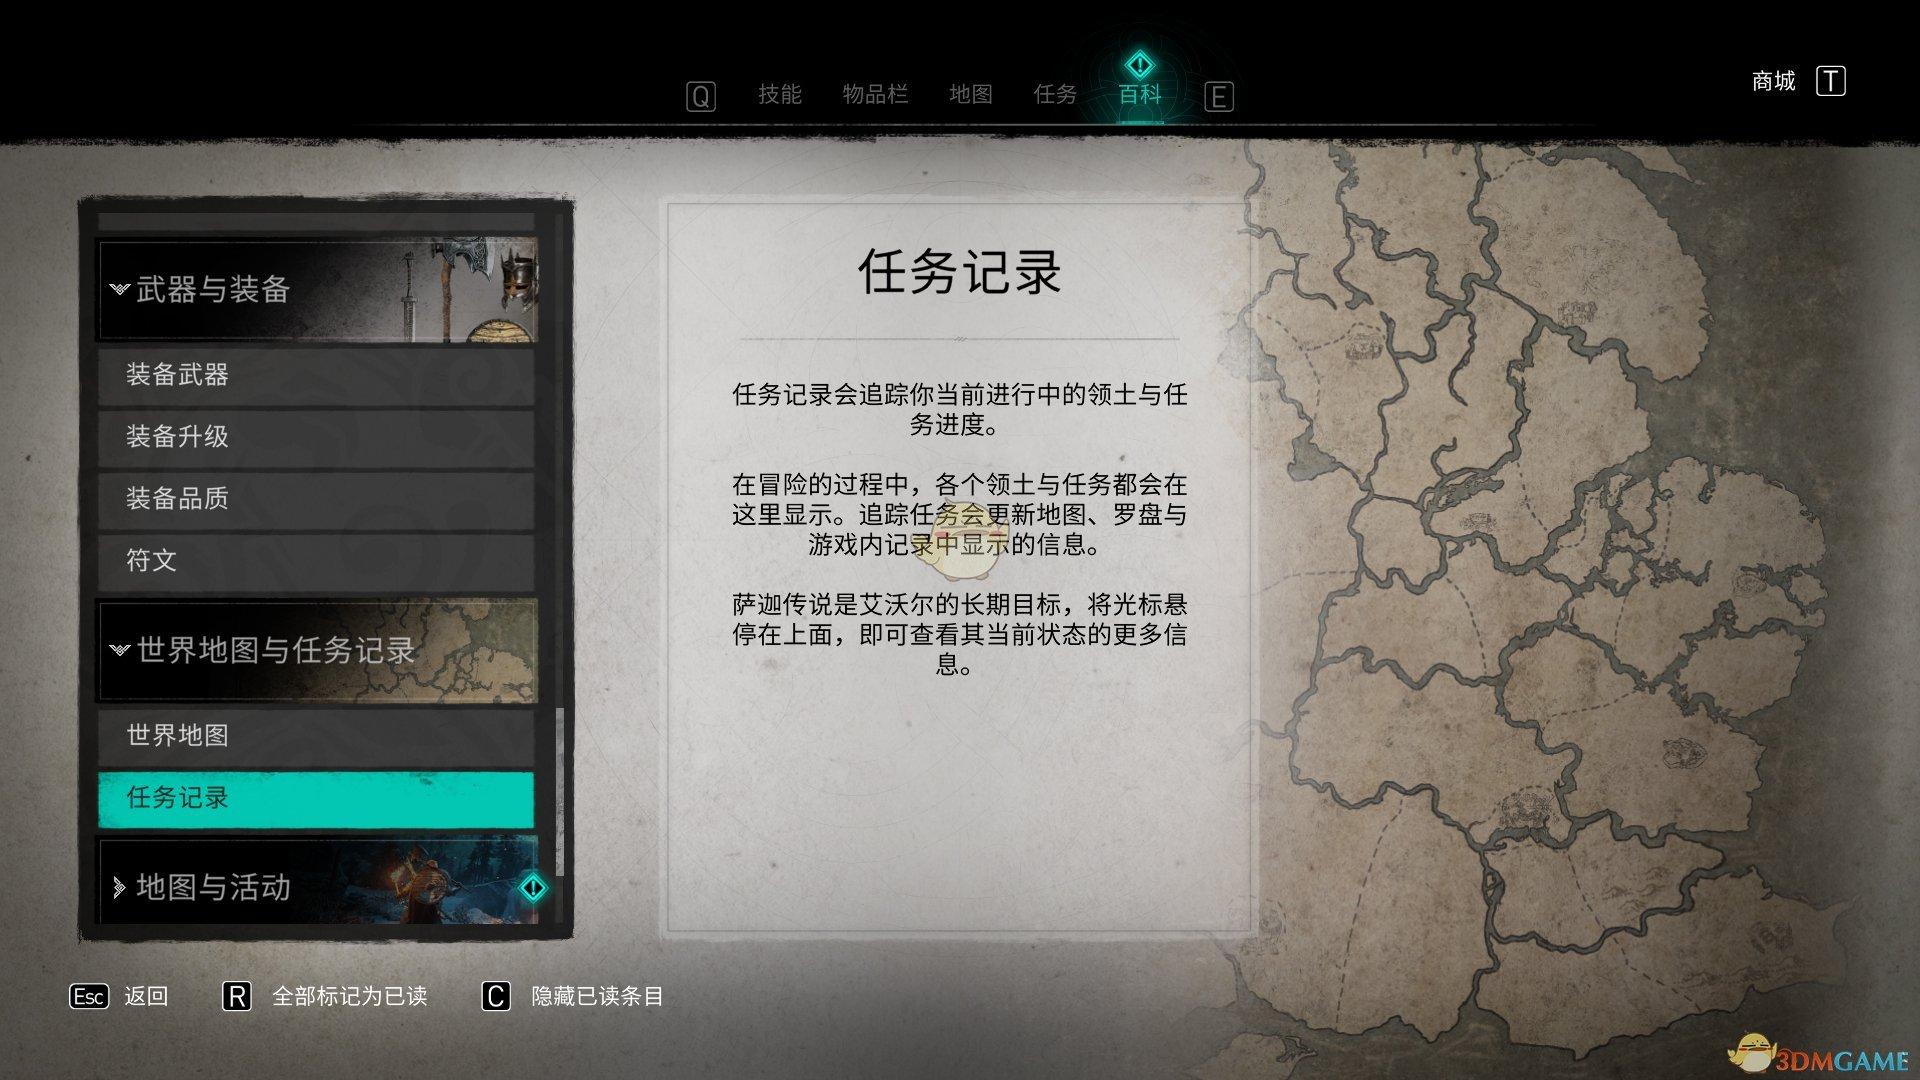 《刺客信条:英灵殿》任务记录系统介绍